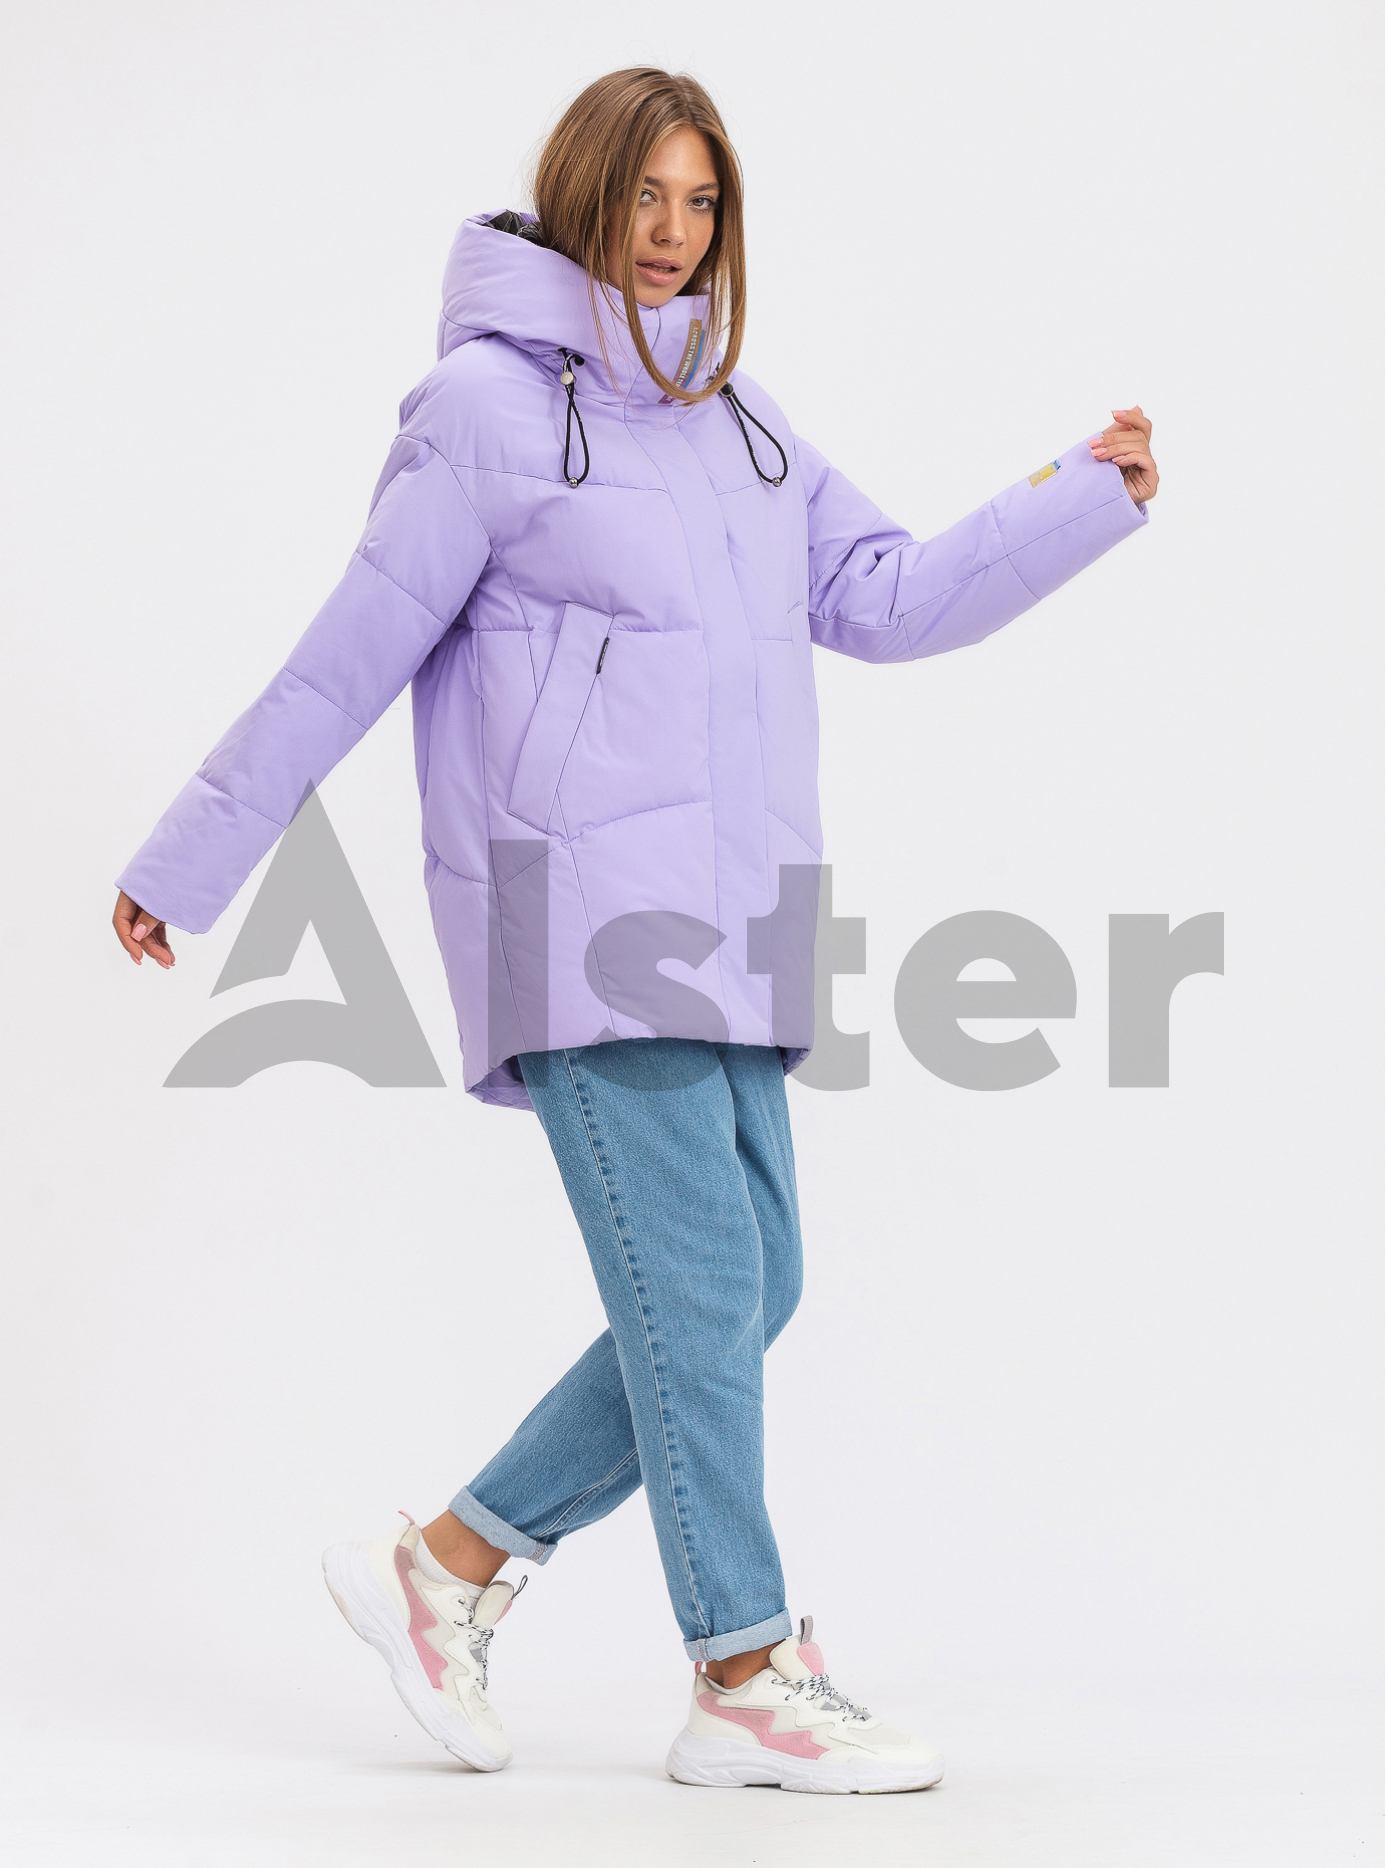 Жіноча зимова куртка середньої довжини OLANMEAR Лаванда L (OLN21899-03): фото - Alster.ua